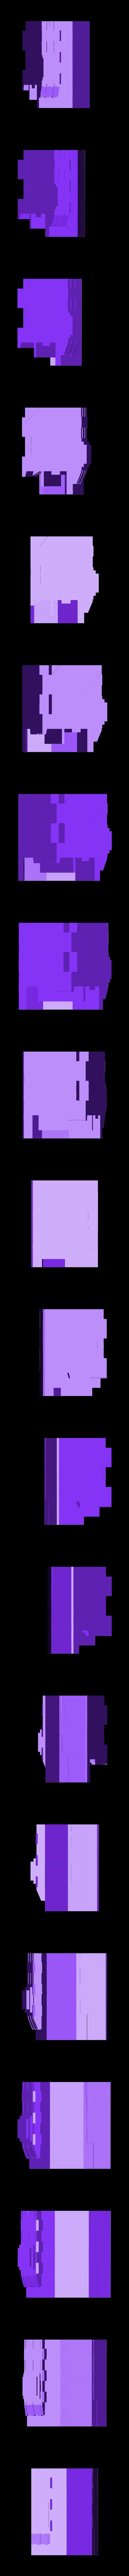 Rear_TopAD.stl Télécharger fichier STL gratuit Frégate Nebulon B (coupée et sectionnée) • Modèle pour impression 3D, Masterkookus